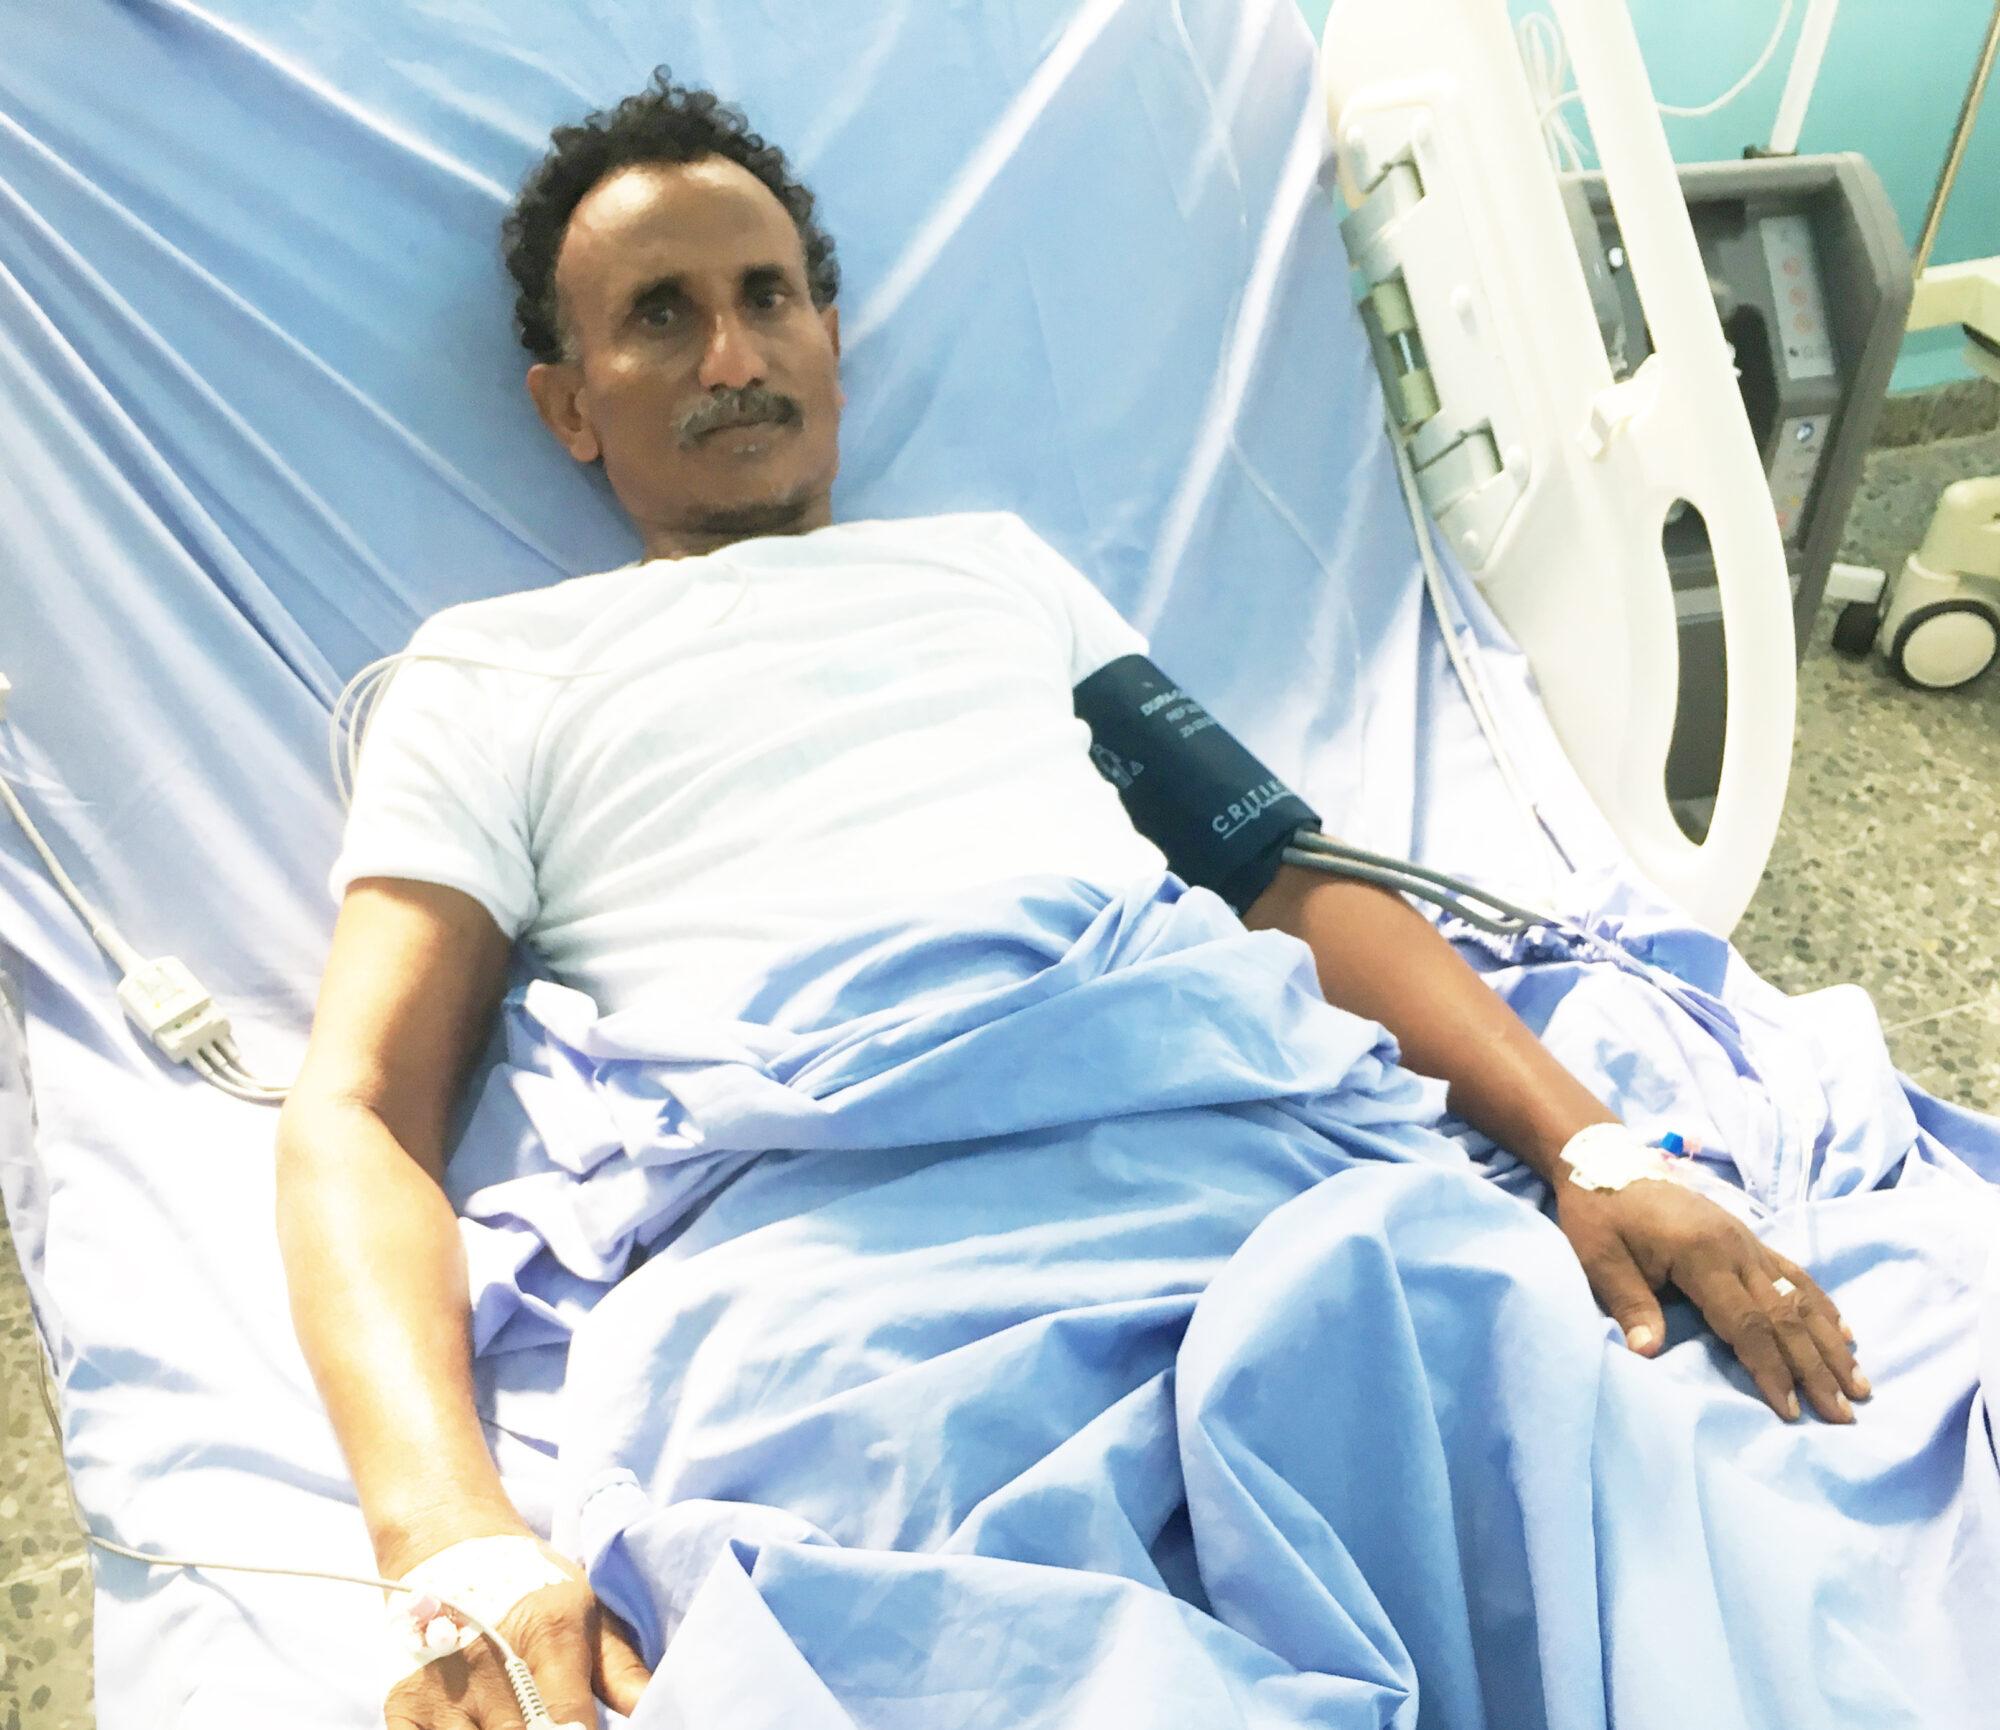 Leikkauksessa ollut mies sairaalasängyllä